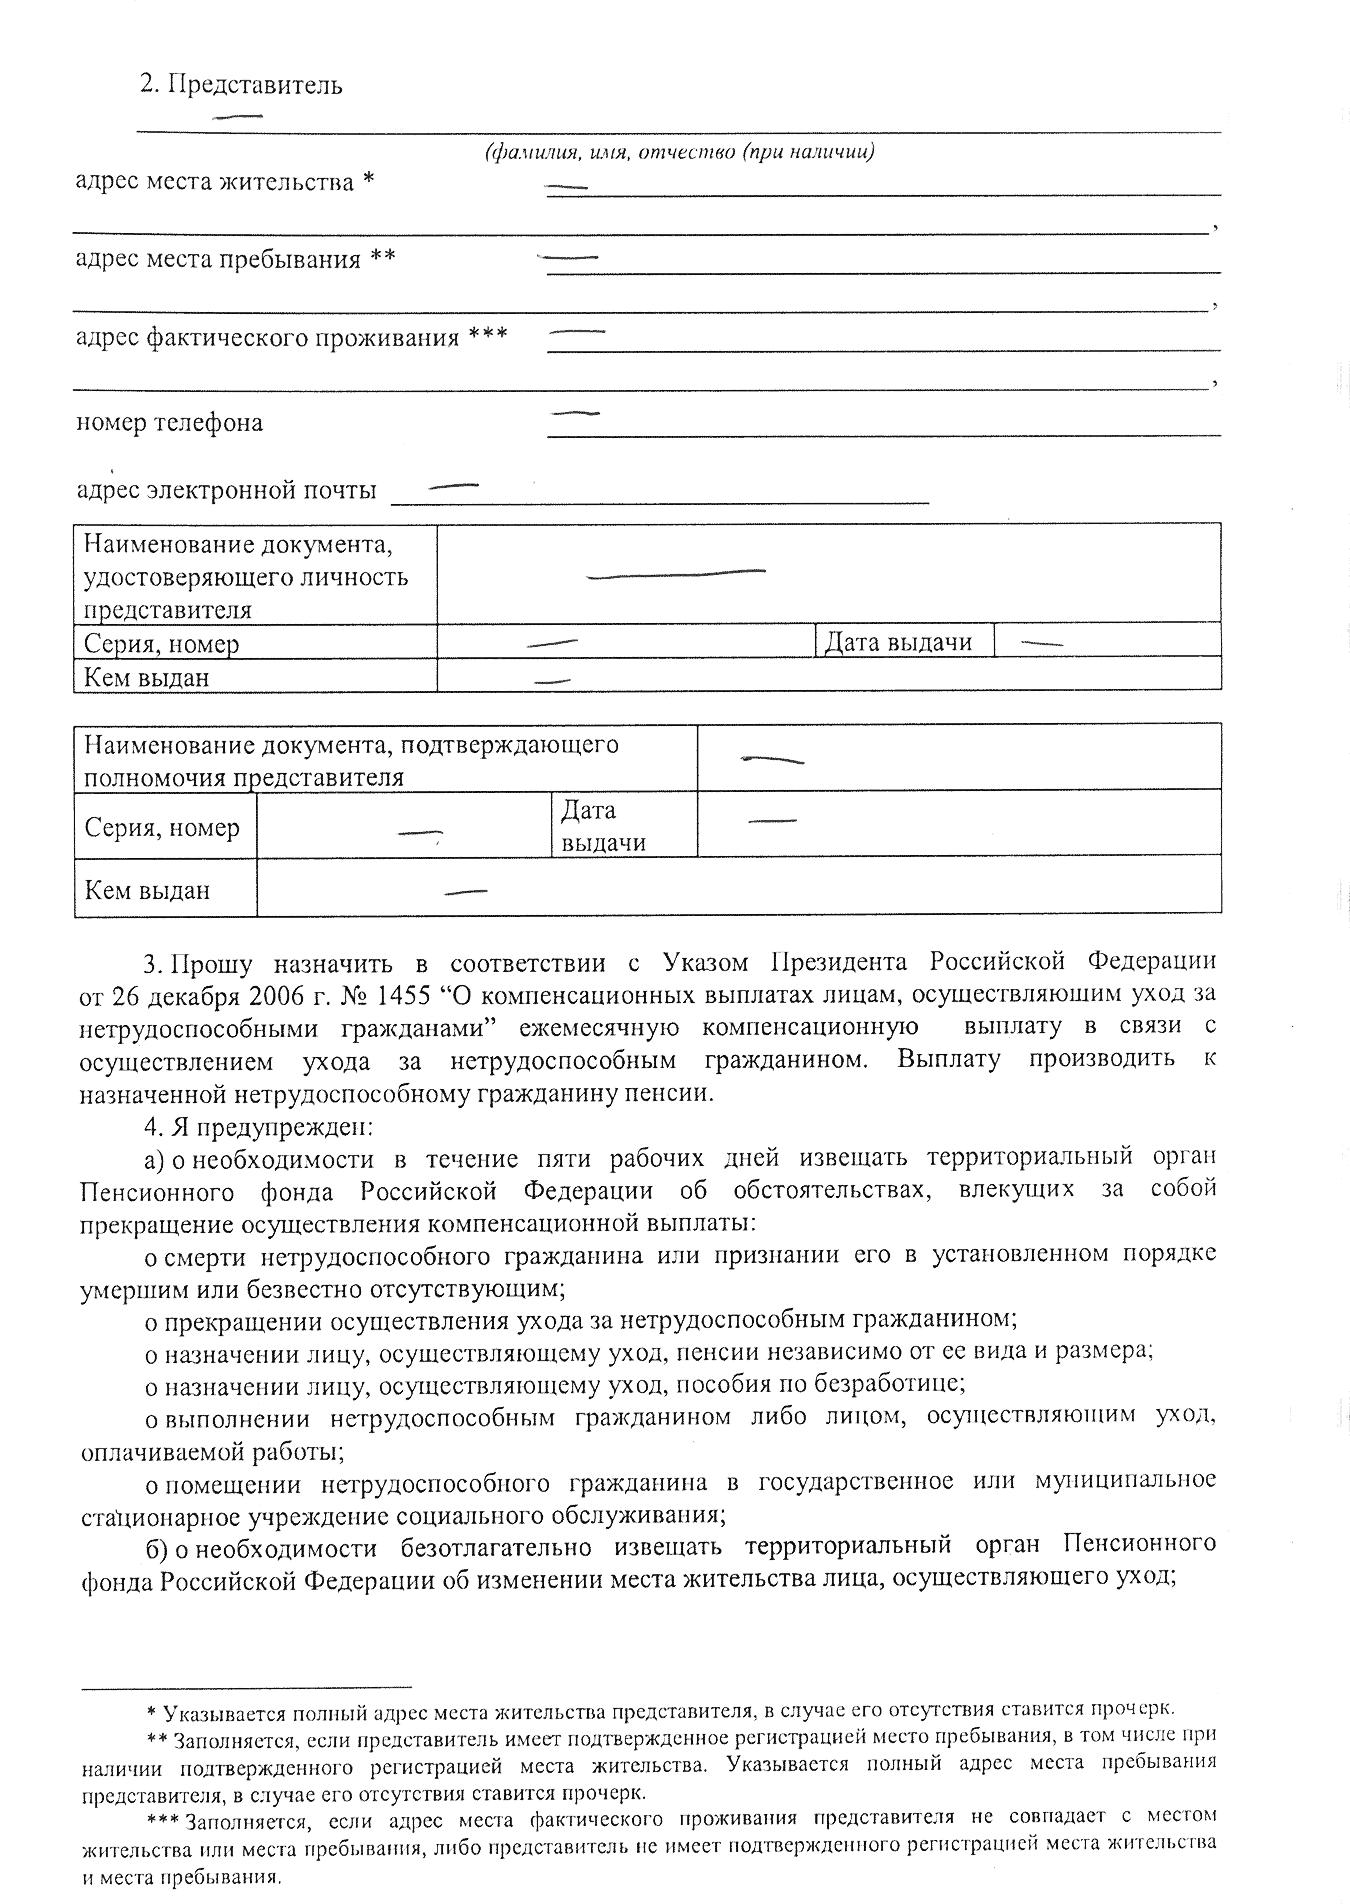 Образец заполнения заявления на получение компенсации